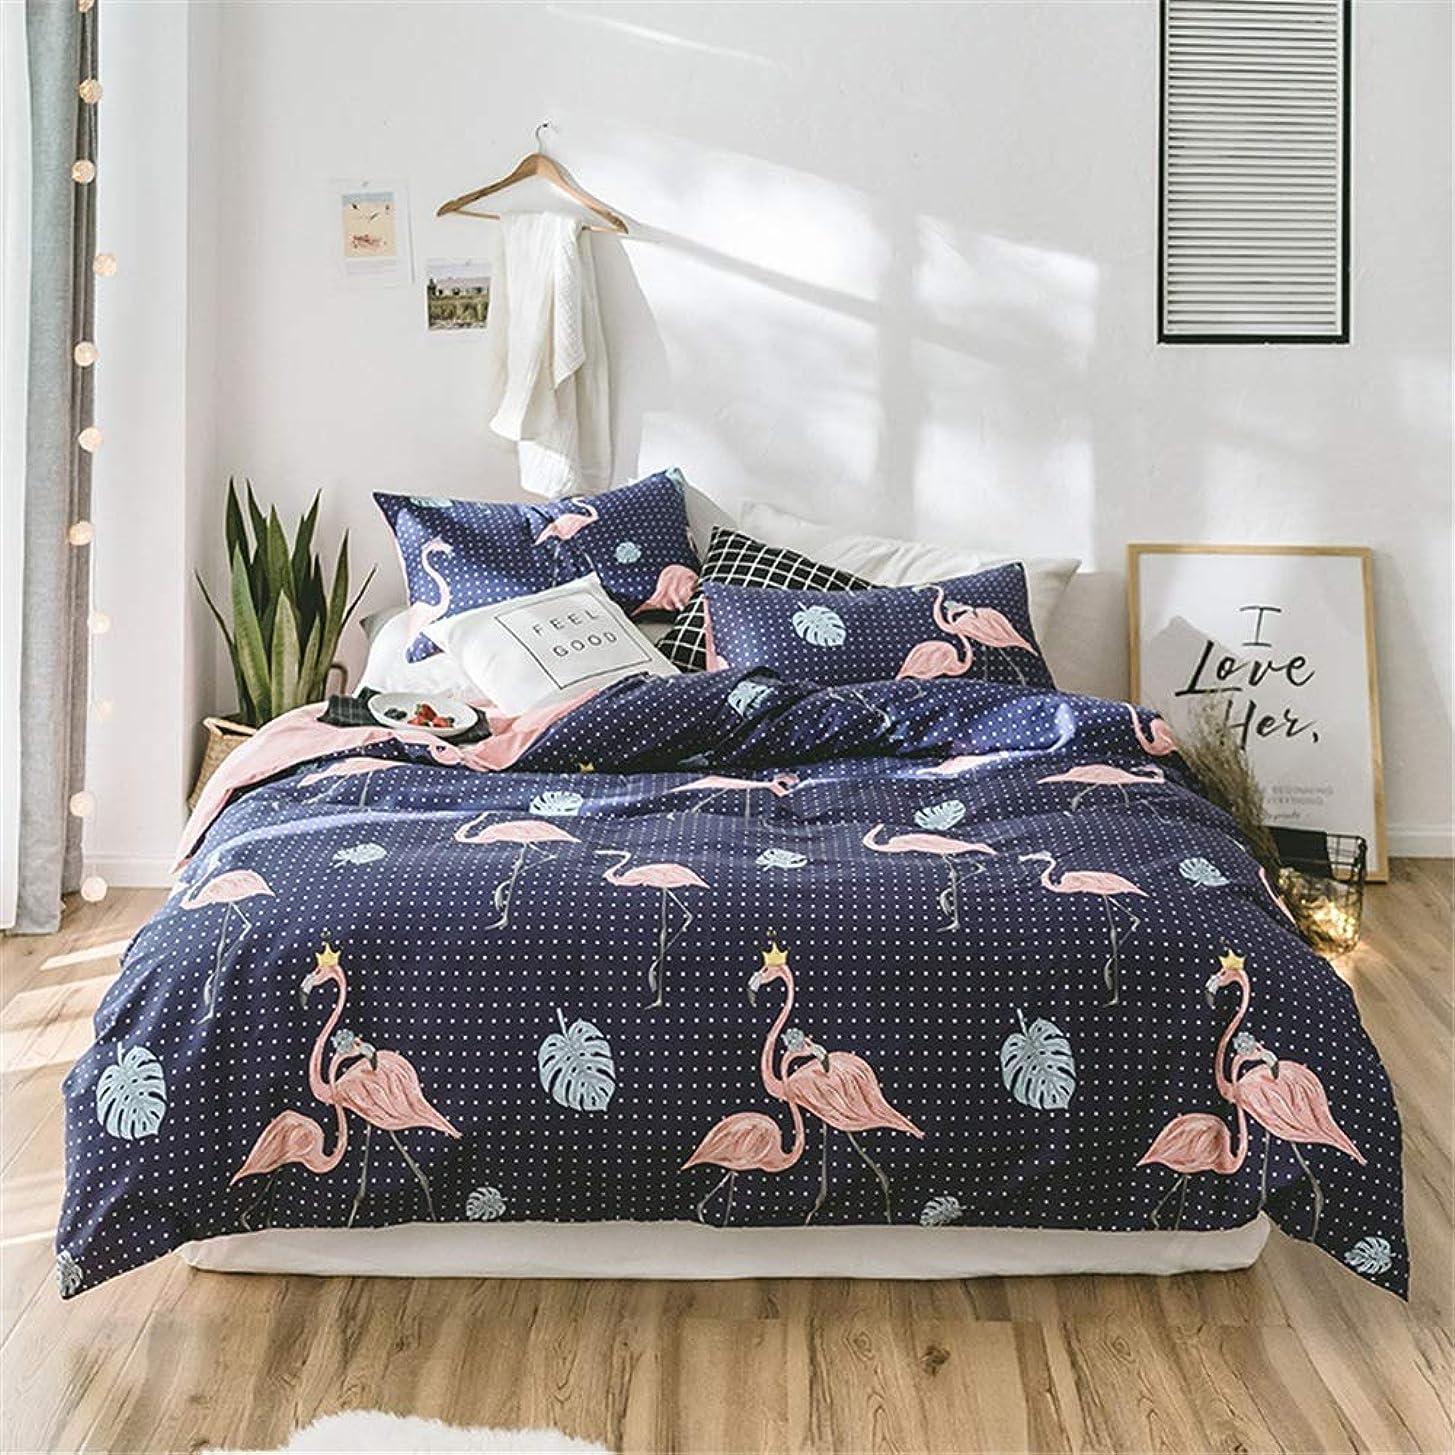 ピル高速道路アピールシンプルなカジュアルスタイルのフラミンゴオウムの寝具は4つのセットです。 (Color : Navy, Size : Queen)